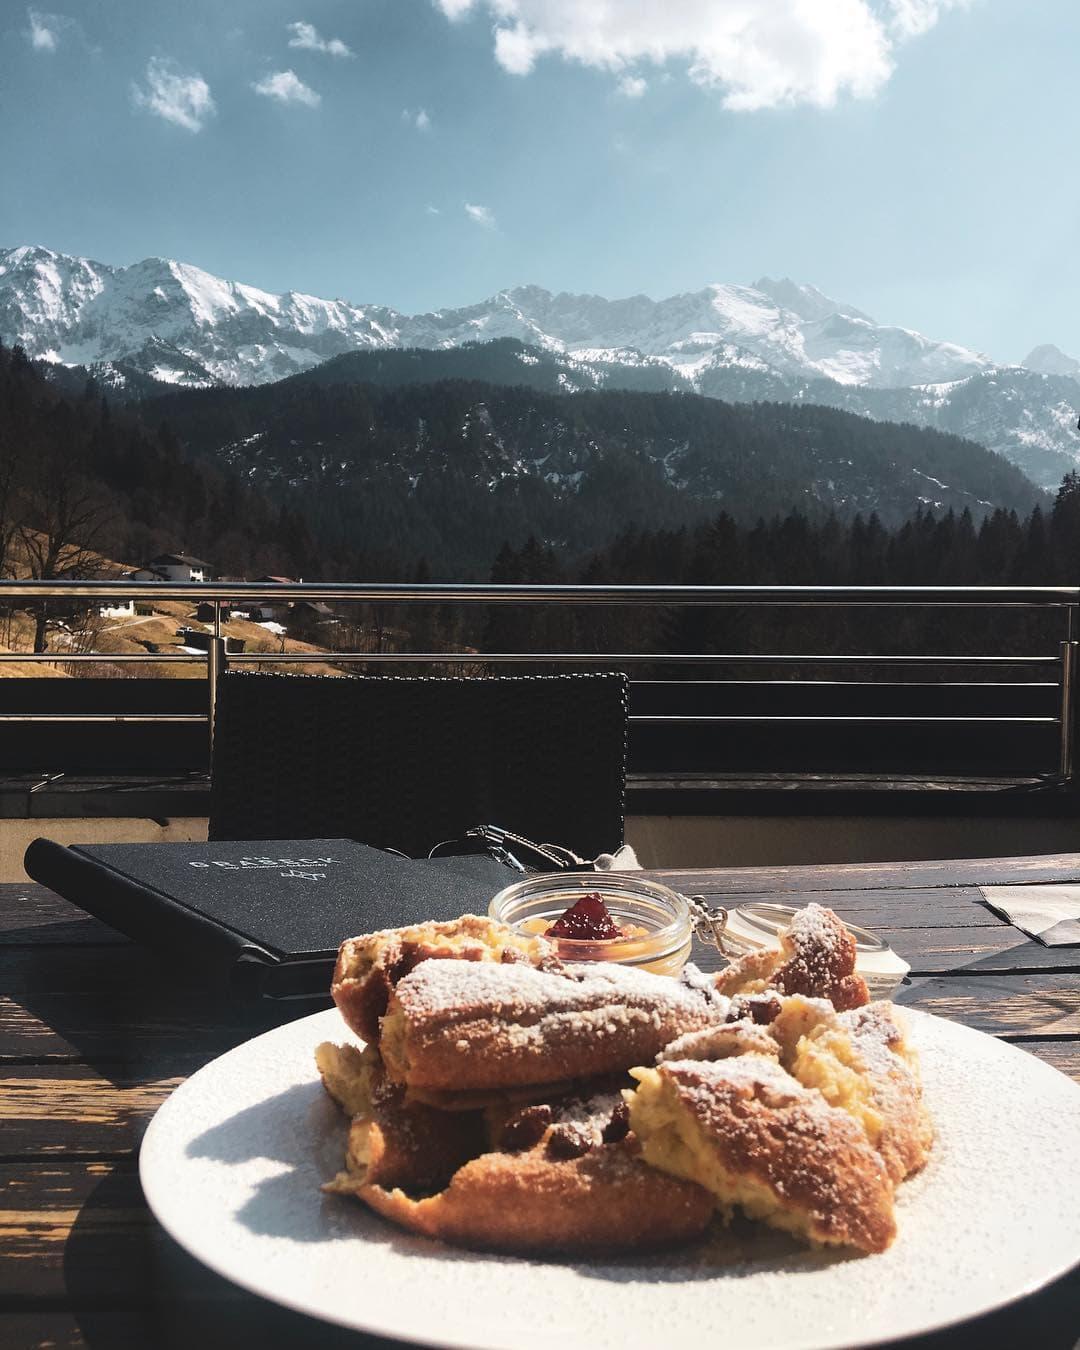 Kaiserschmarrn with a view. 🏔 Geschmacklich und landschaftlich dürfte diese Szenerie kaum zu übertreffen sein. Redakteurin Linda @gold_gelb is(s)t jedenfalls glücklich im @das_graseck. #garmischpartenkirchen #bayern #hoteltest #mountainlovers #welivetoexplore #reportervorort #foodporn #passionpassport #travelgermany #travel